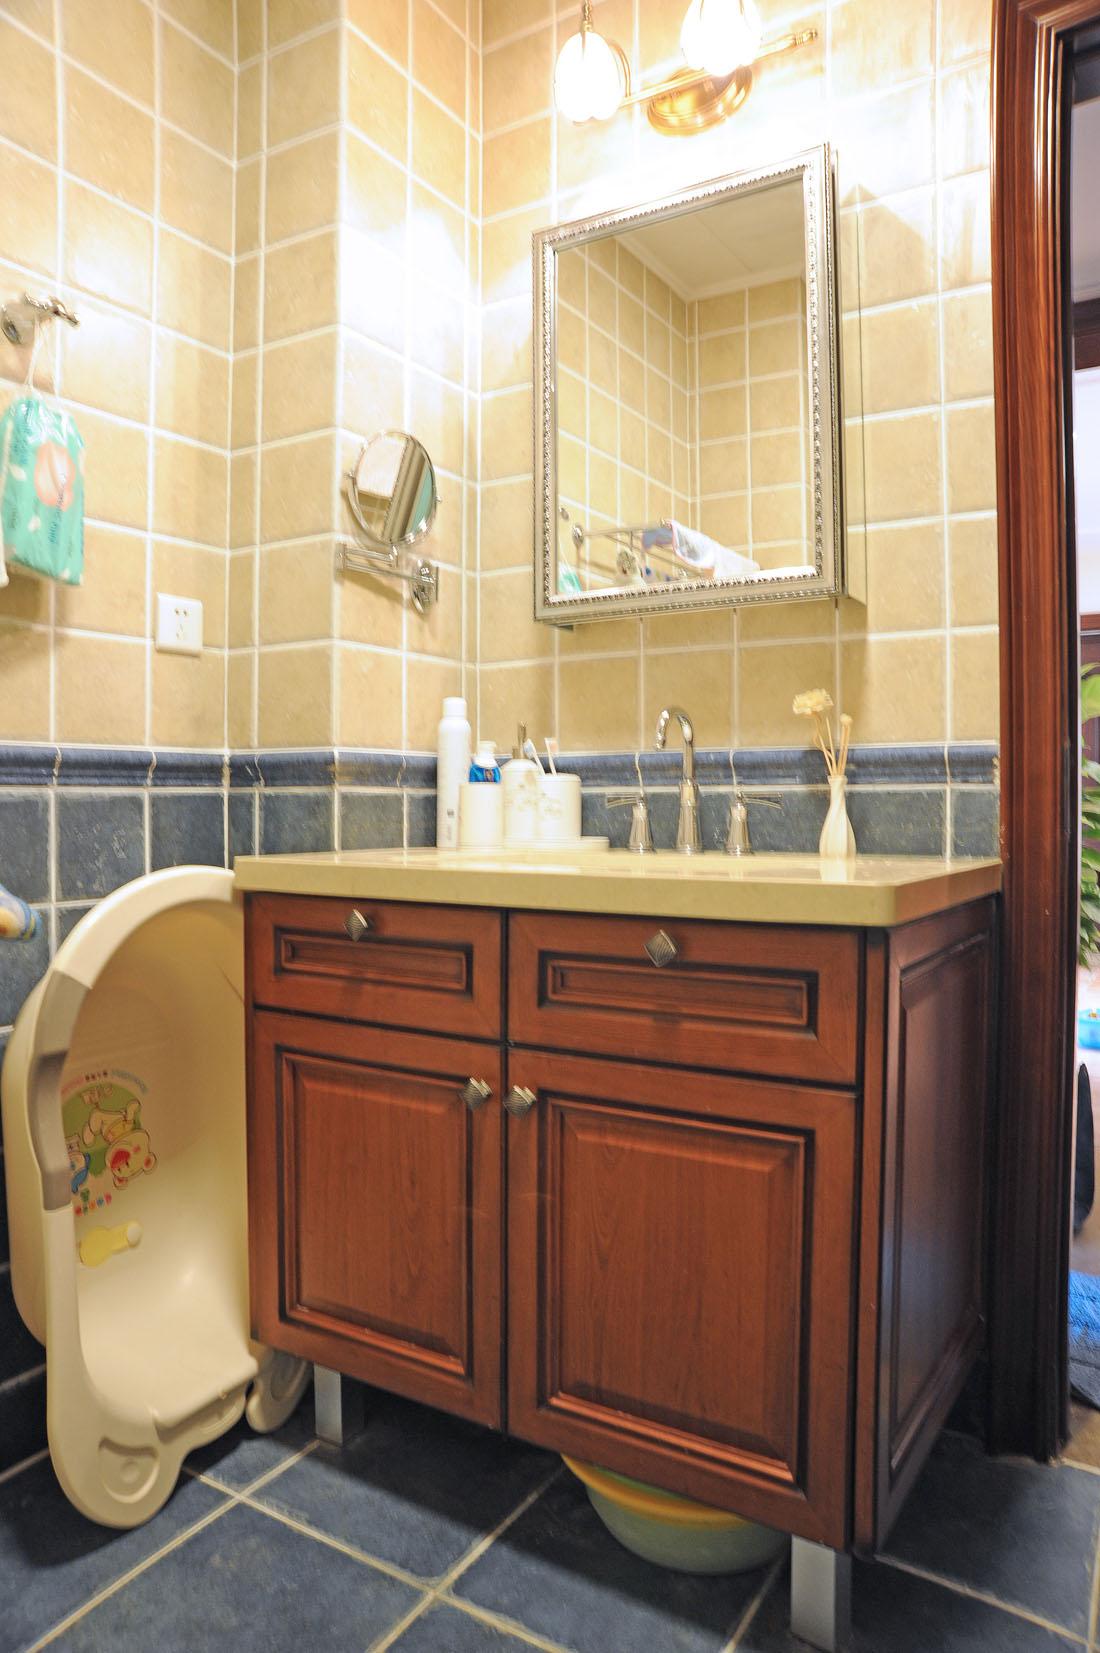 三居 美式 卫生间图片来自徐春龙设计师在美丽传说的分享